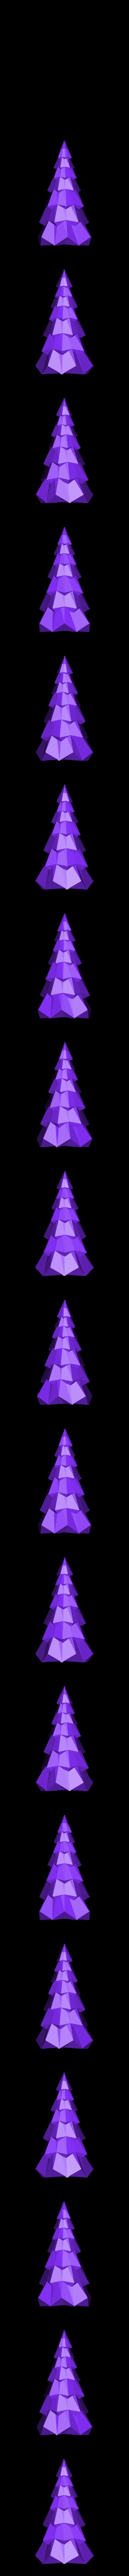 Christmas Tree.stl Télécharger fichier STL gratuit Sapin de Noël Low Poly • Modèle pour imprimante 3D, sammy3